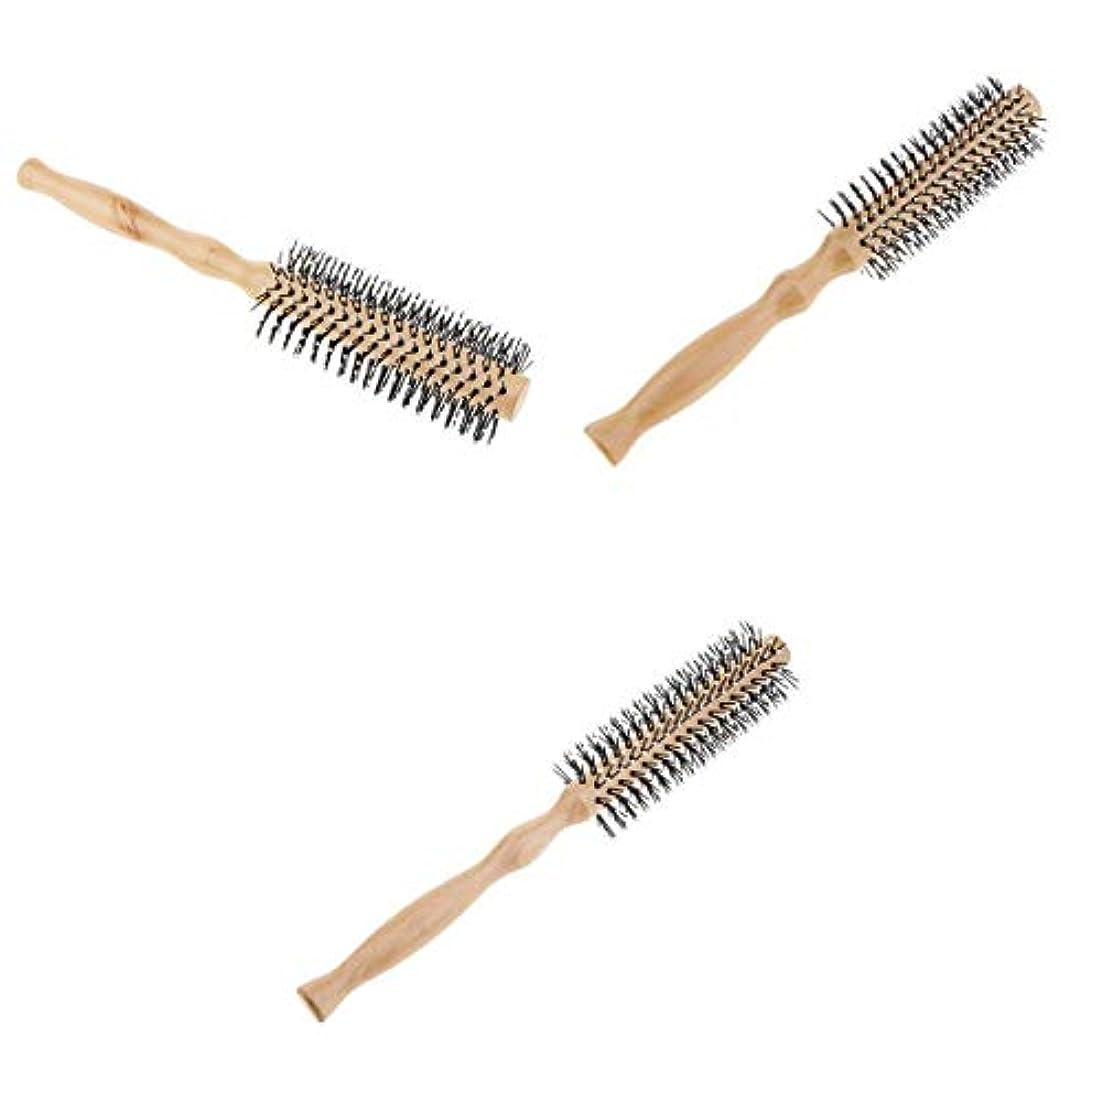 リーガン拒絶するどうやってロールブラシ ヘアブラシ 木製櫛 スタイリングブラシ 巻き髪 静電気防止 3本セット